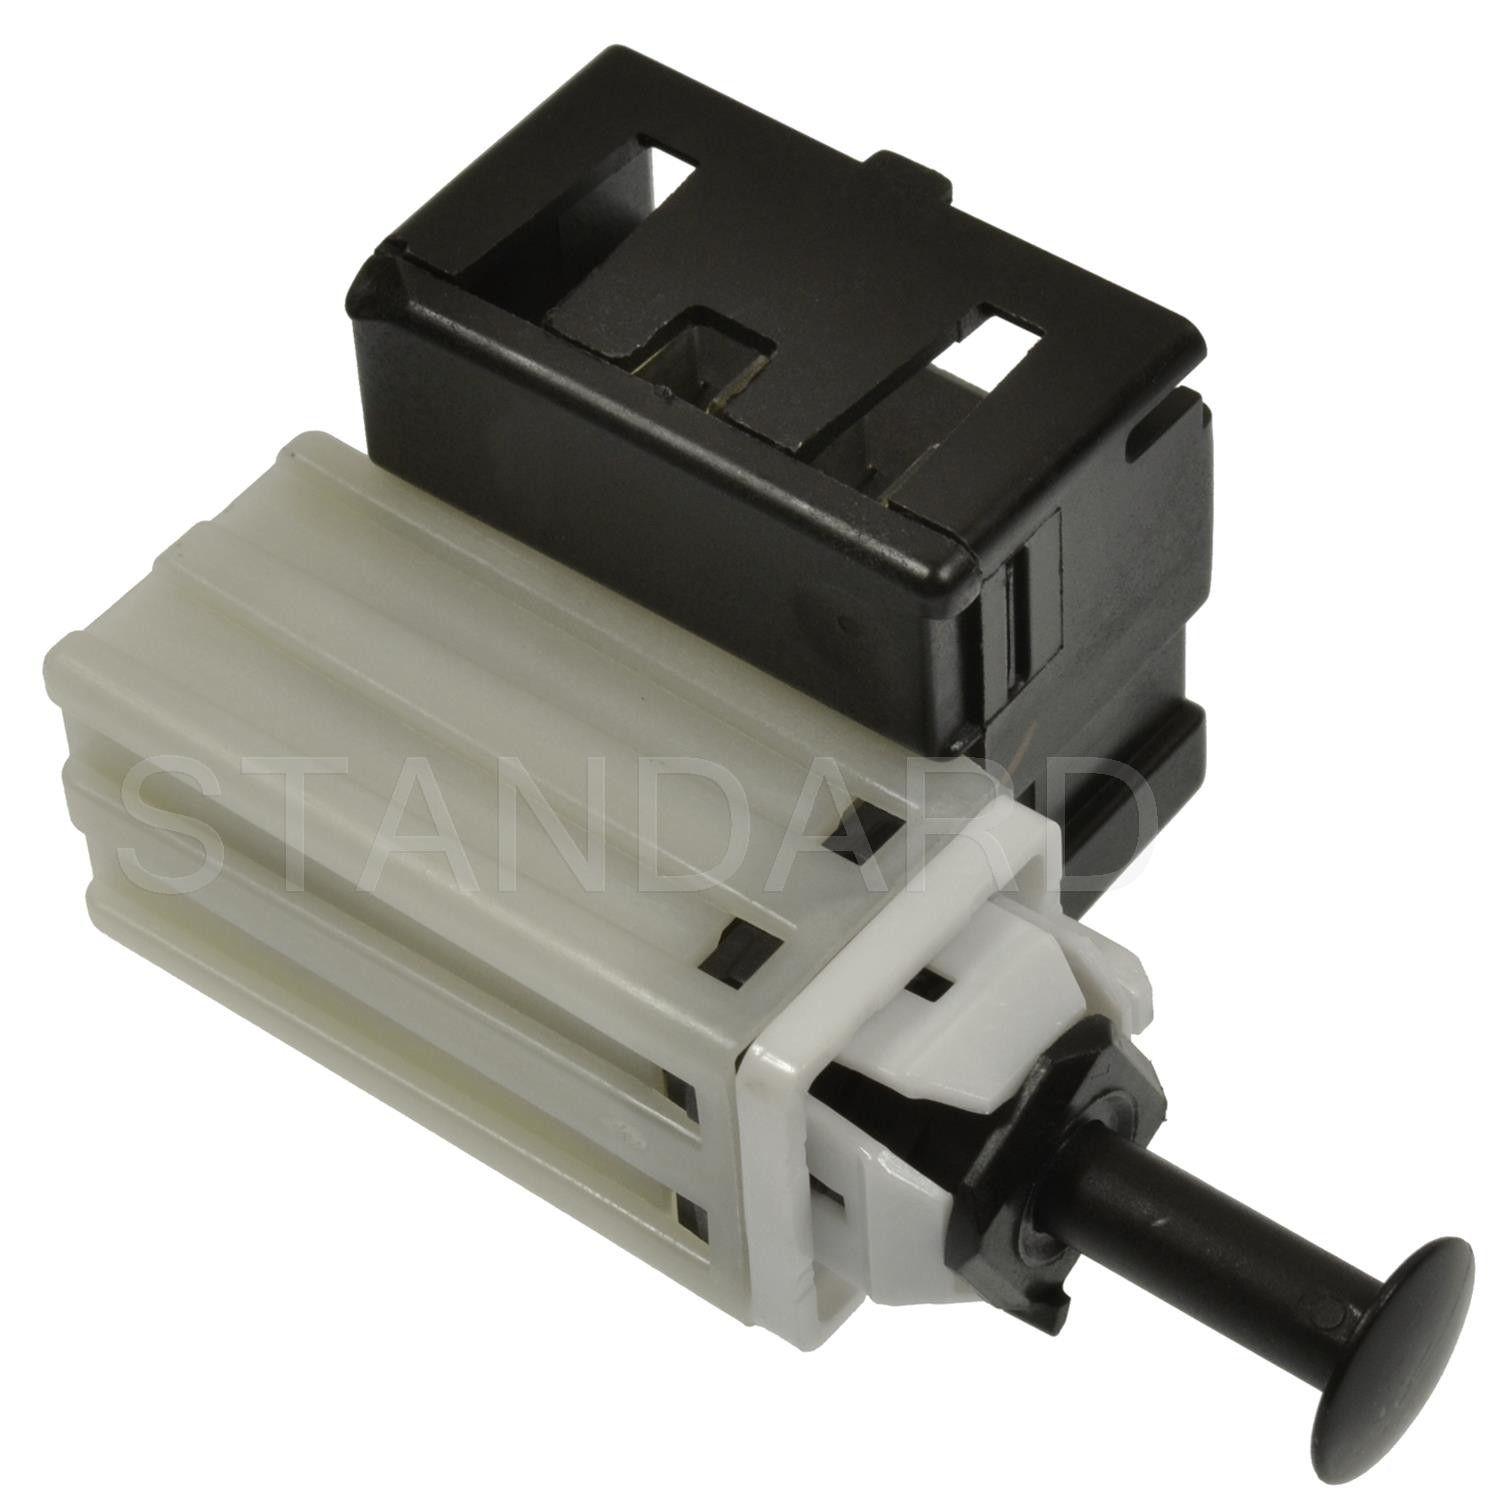 wiring eq pioneer diagram deq 7600